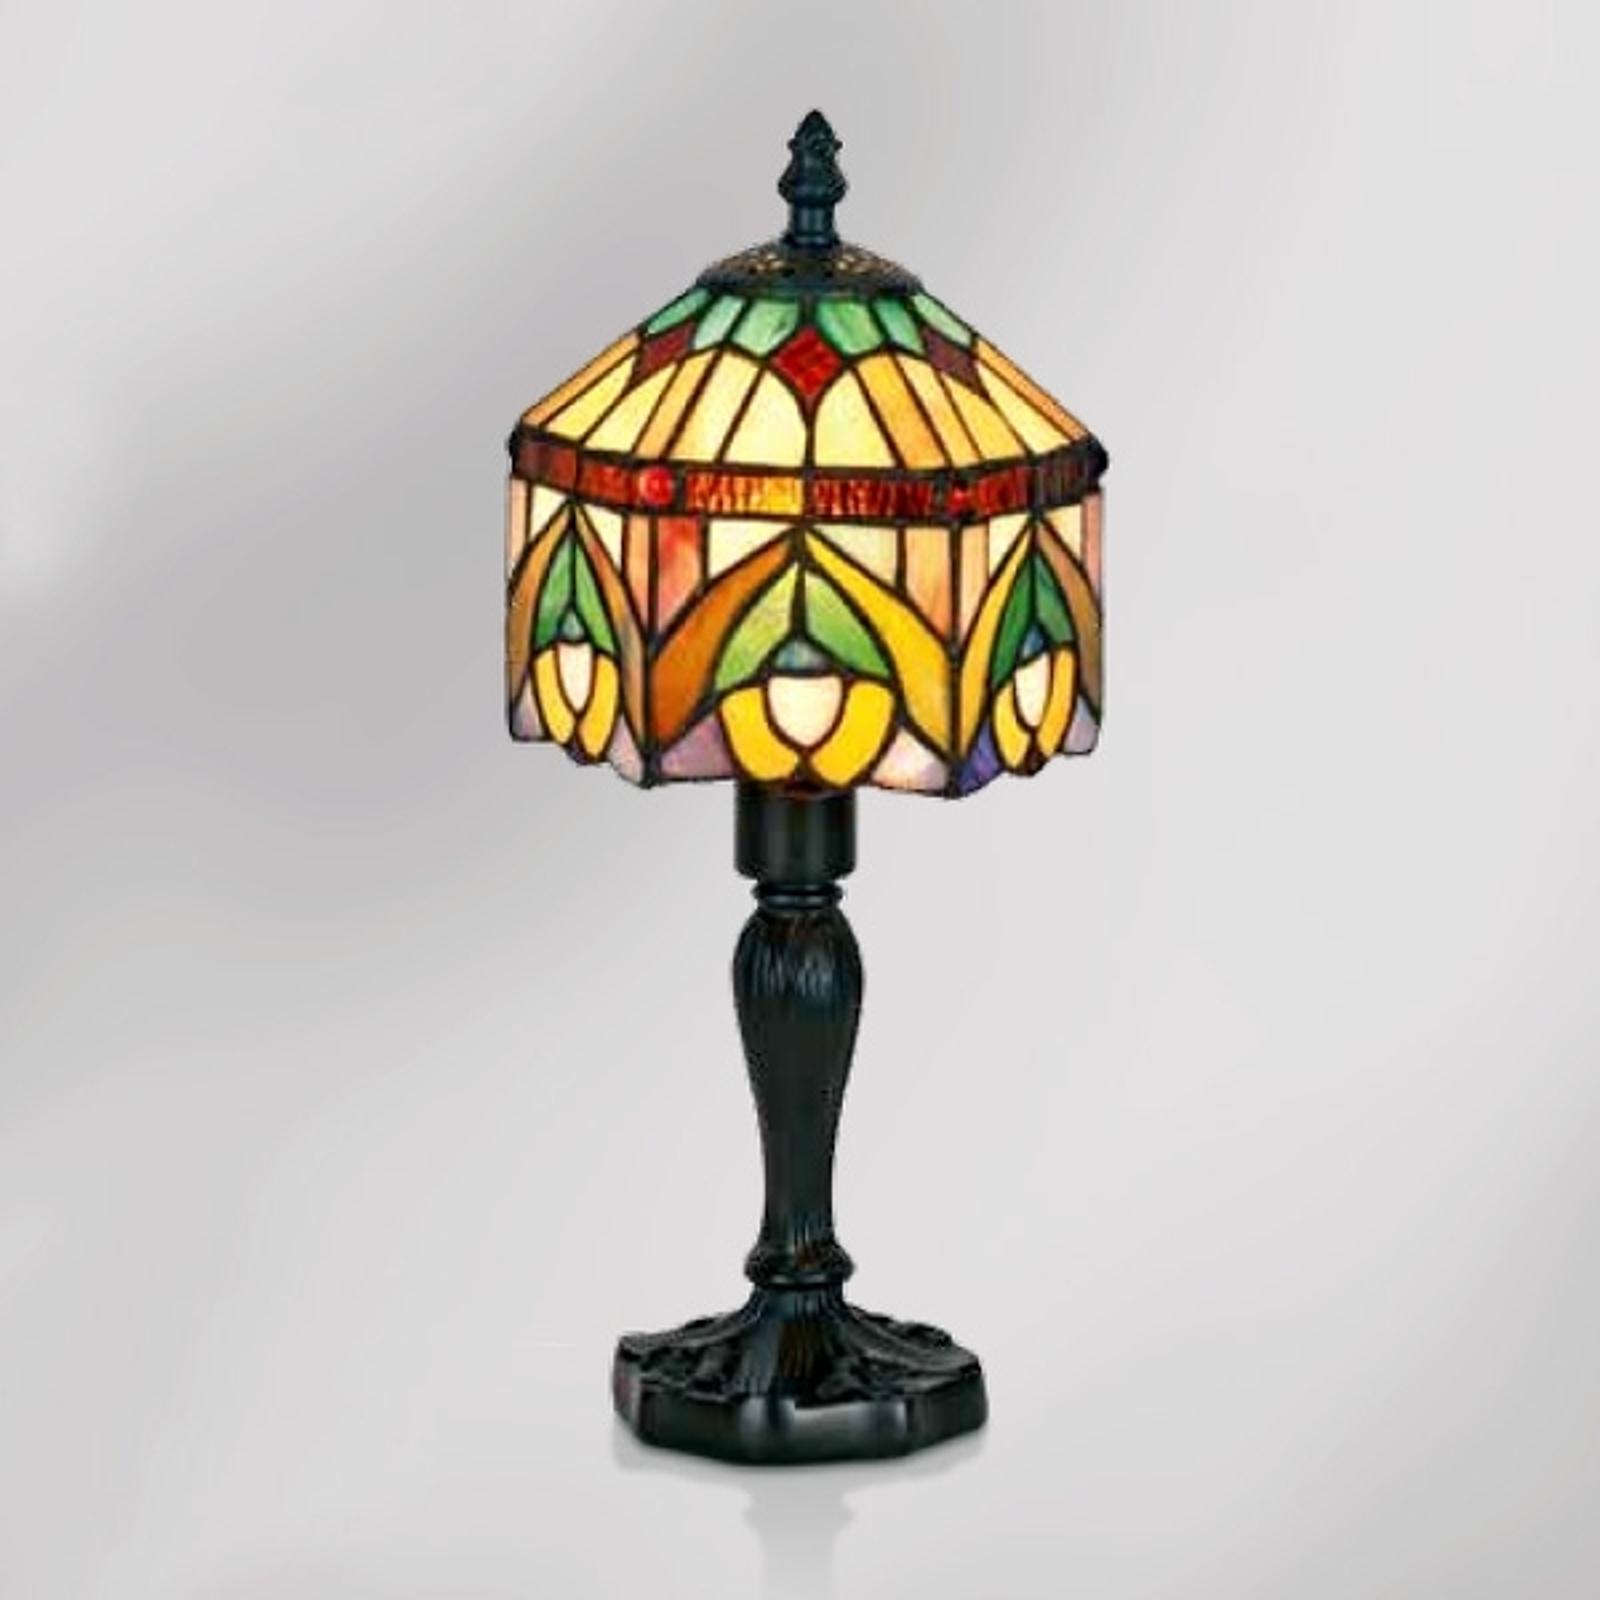 Dekoracyjna lampa stołowa Jamilia styl Tiffany